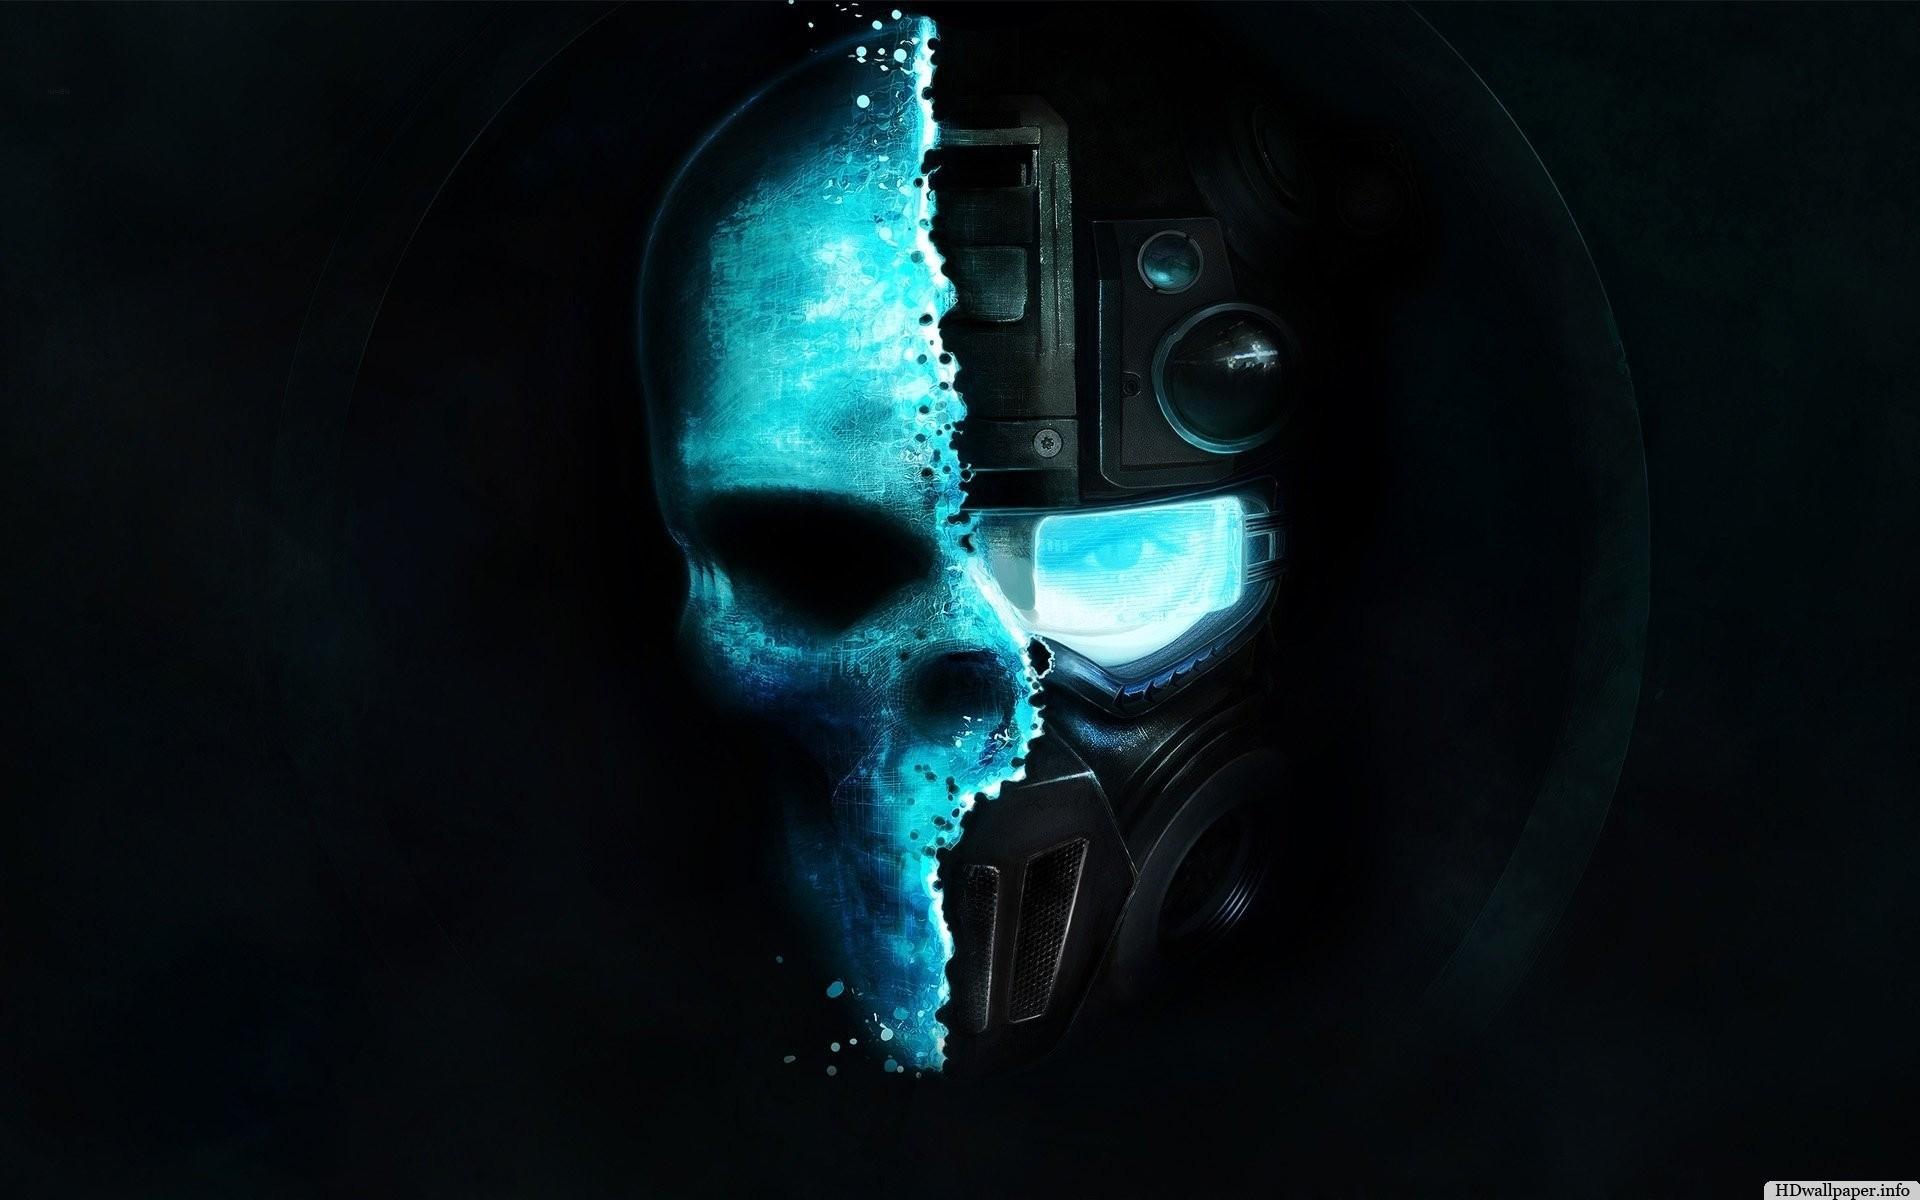 Wallpaper Skull – https://hdwallpaper.info/wallpaper-skull/ HD